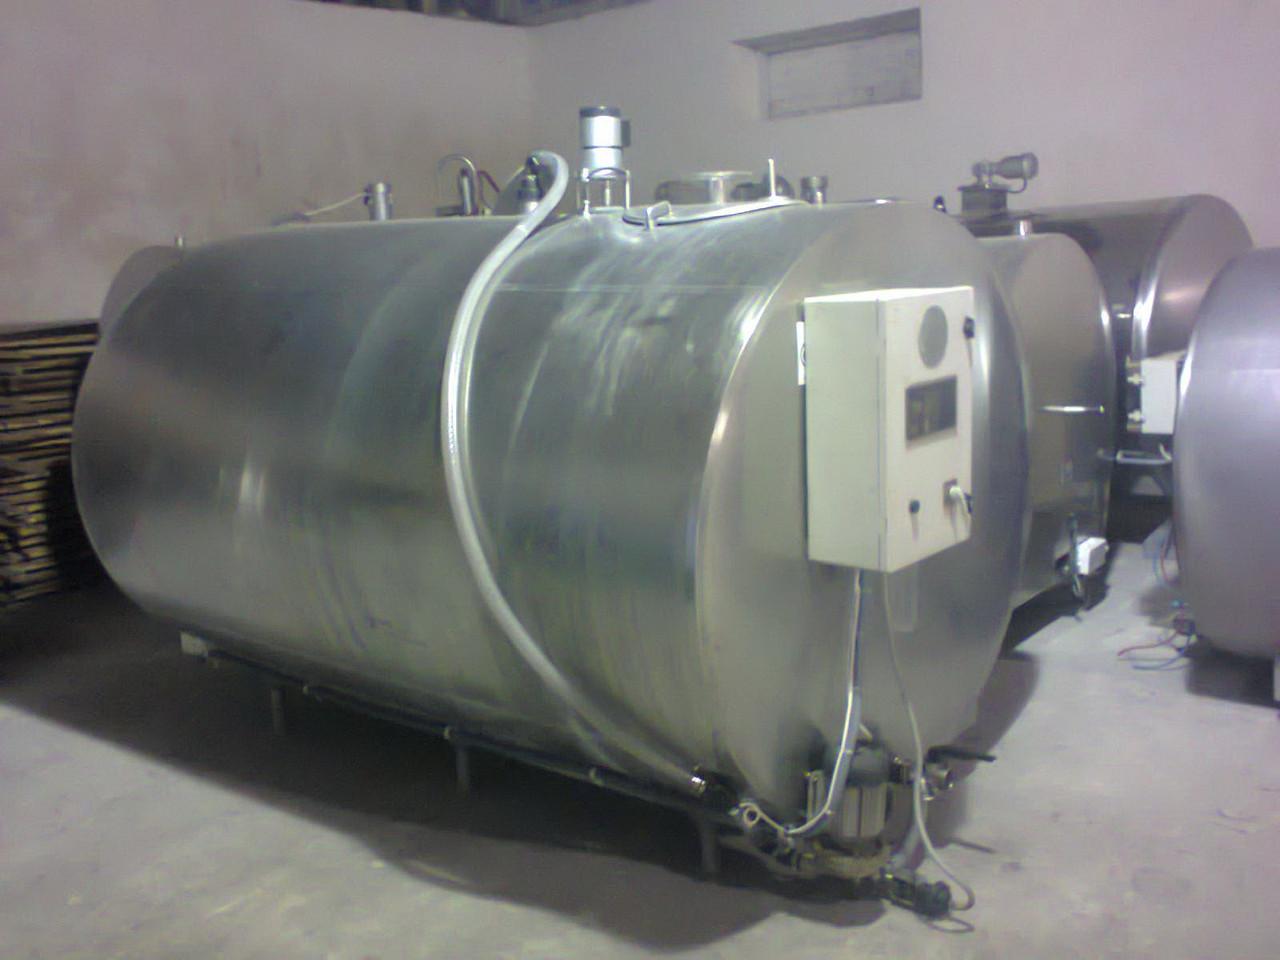 Охладитель молока закрытого типа, DERU COOL 4000 л, б/у емкость с новым компрессорным агрегатом.